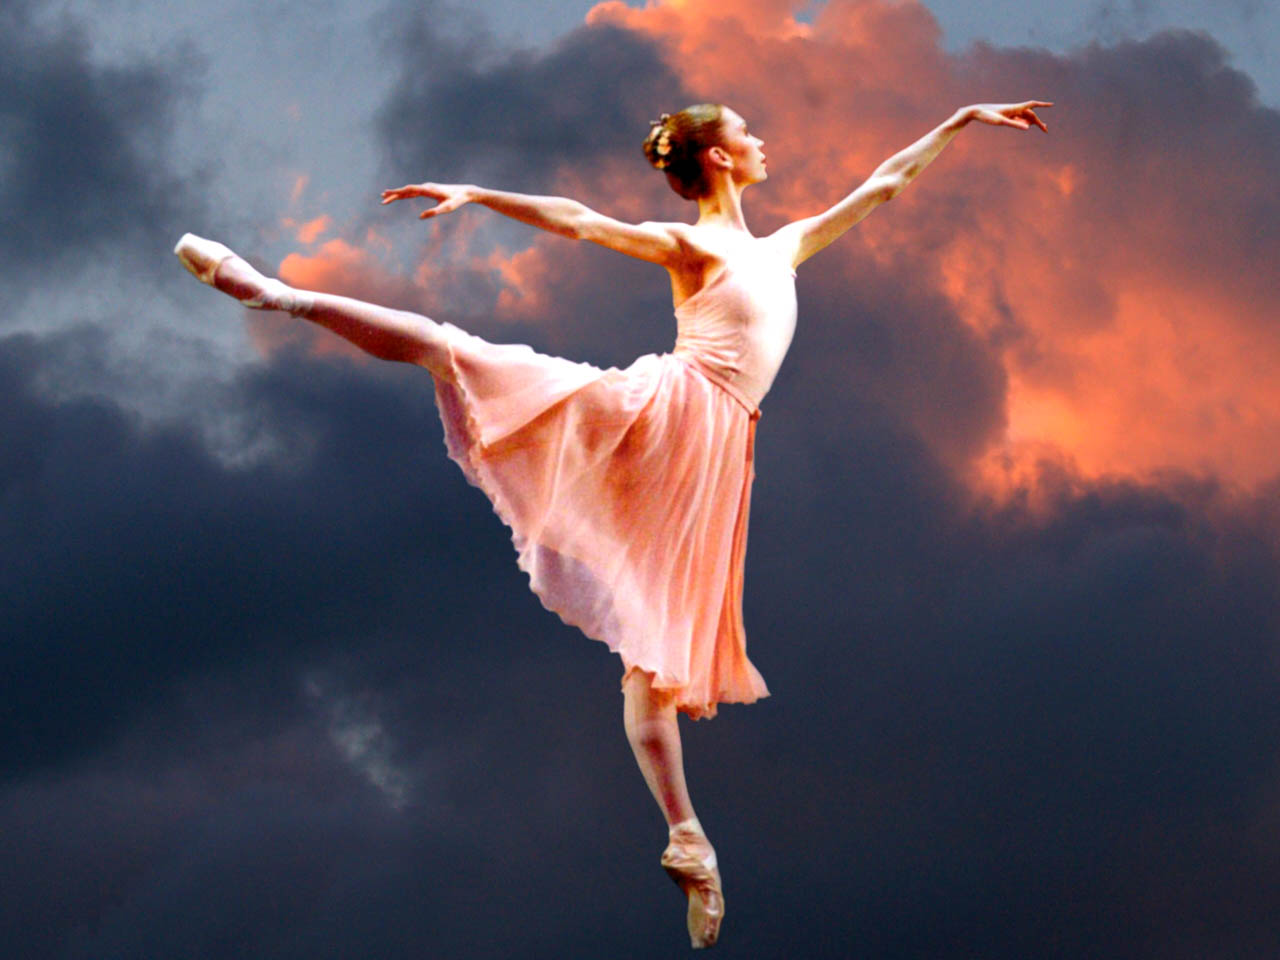 Wallpaper Ballerina Download Wallpaper DaWallpaperz 1280x960